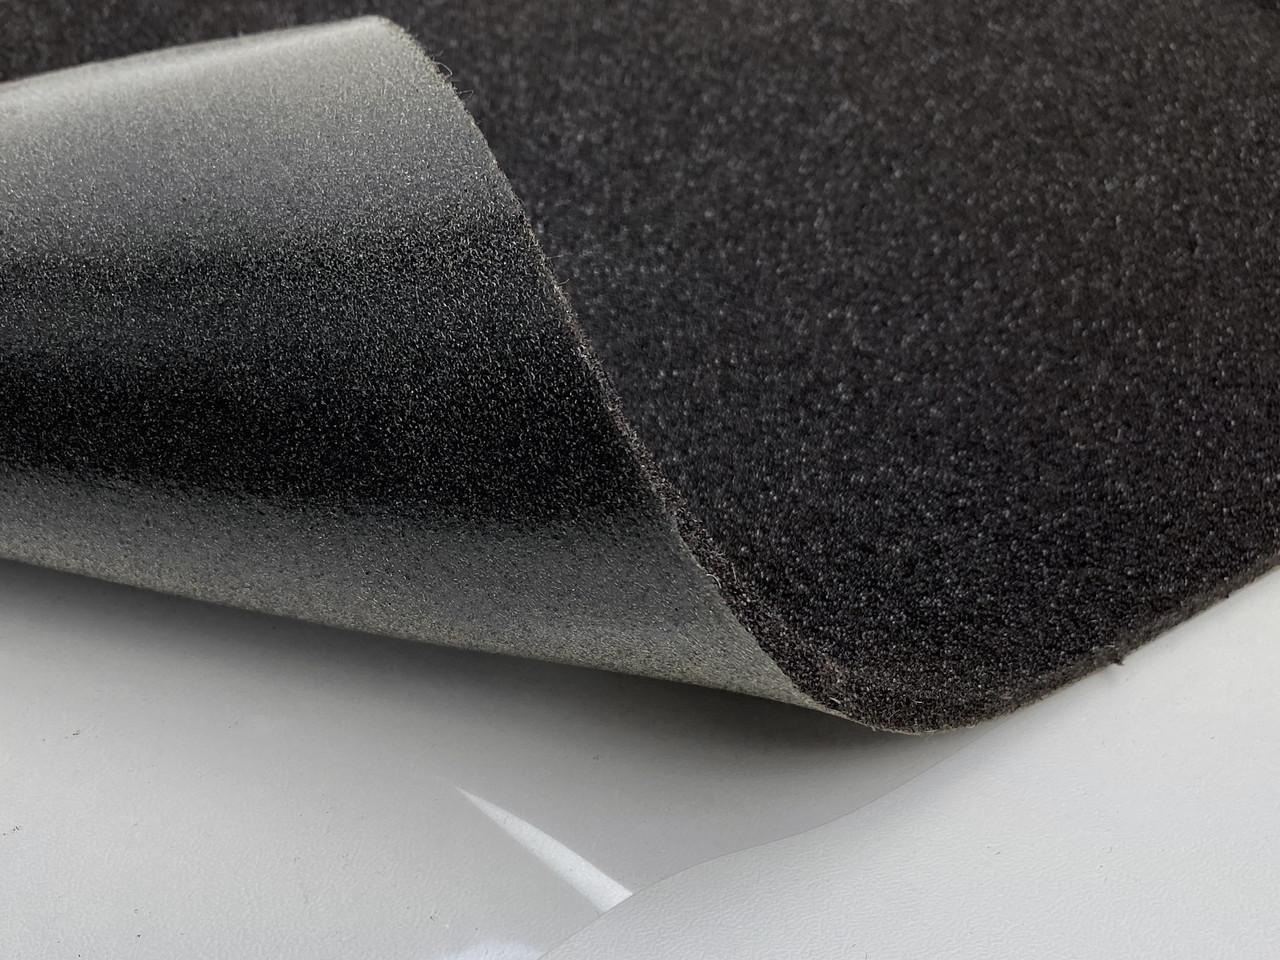 StP бітопласт А5К - антискрипный, звукопоглощаощий матеріал, лист 750х950мм, товщина 5мм